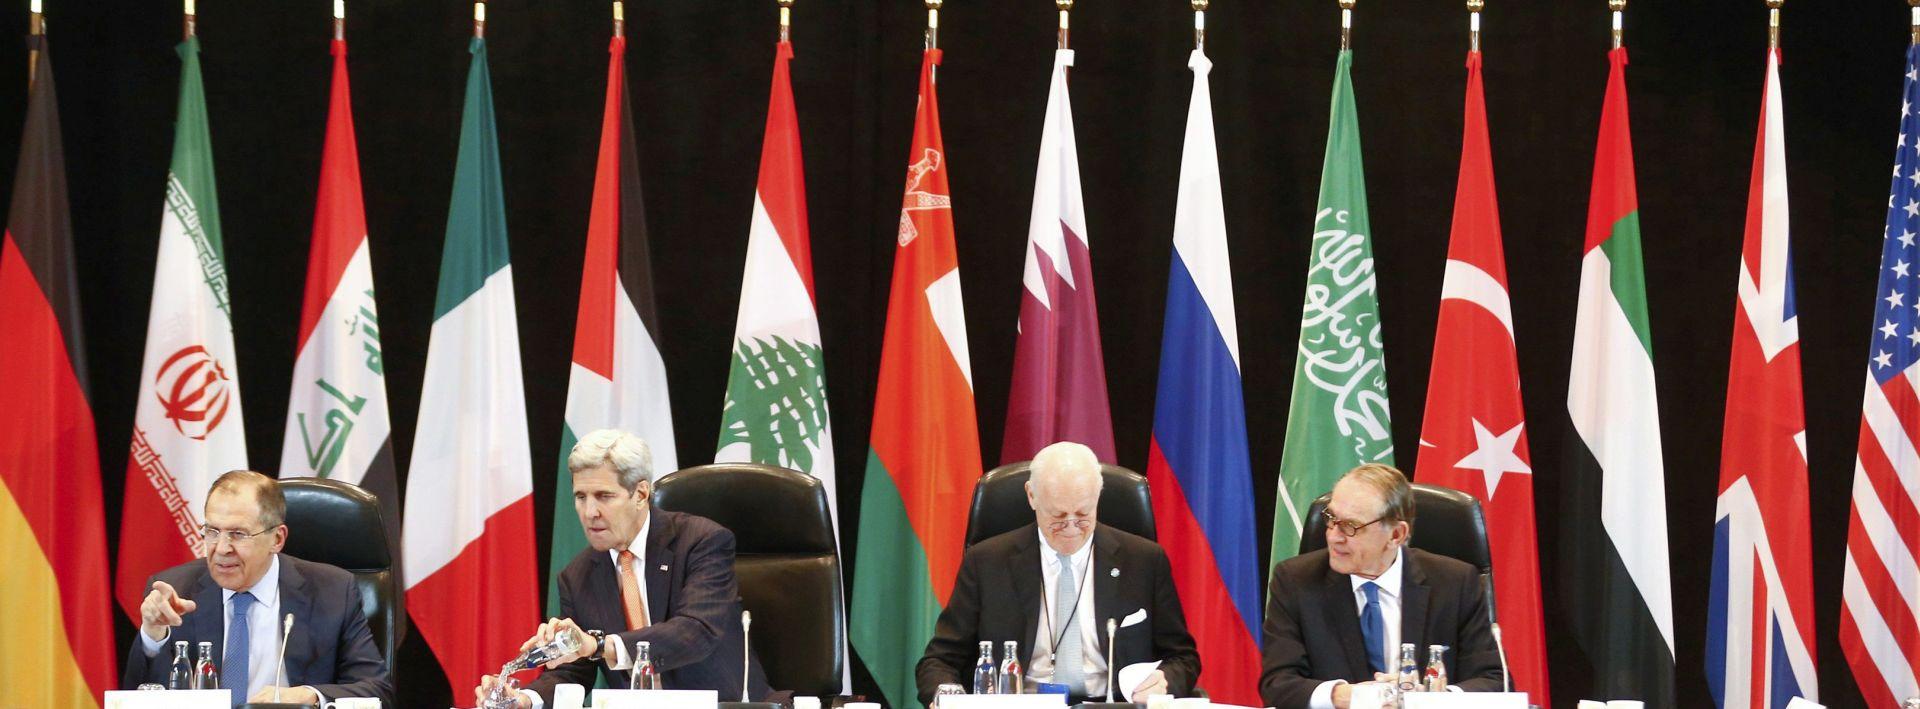 HUMANITARNA KRIZA: Svjetske sile dogovorile prekid sukoba u Siriji